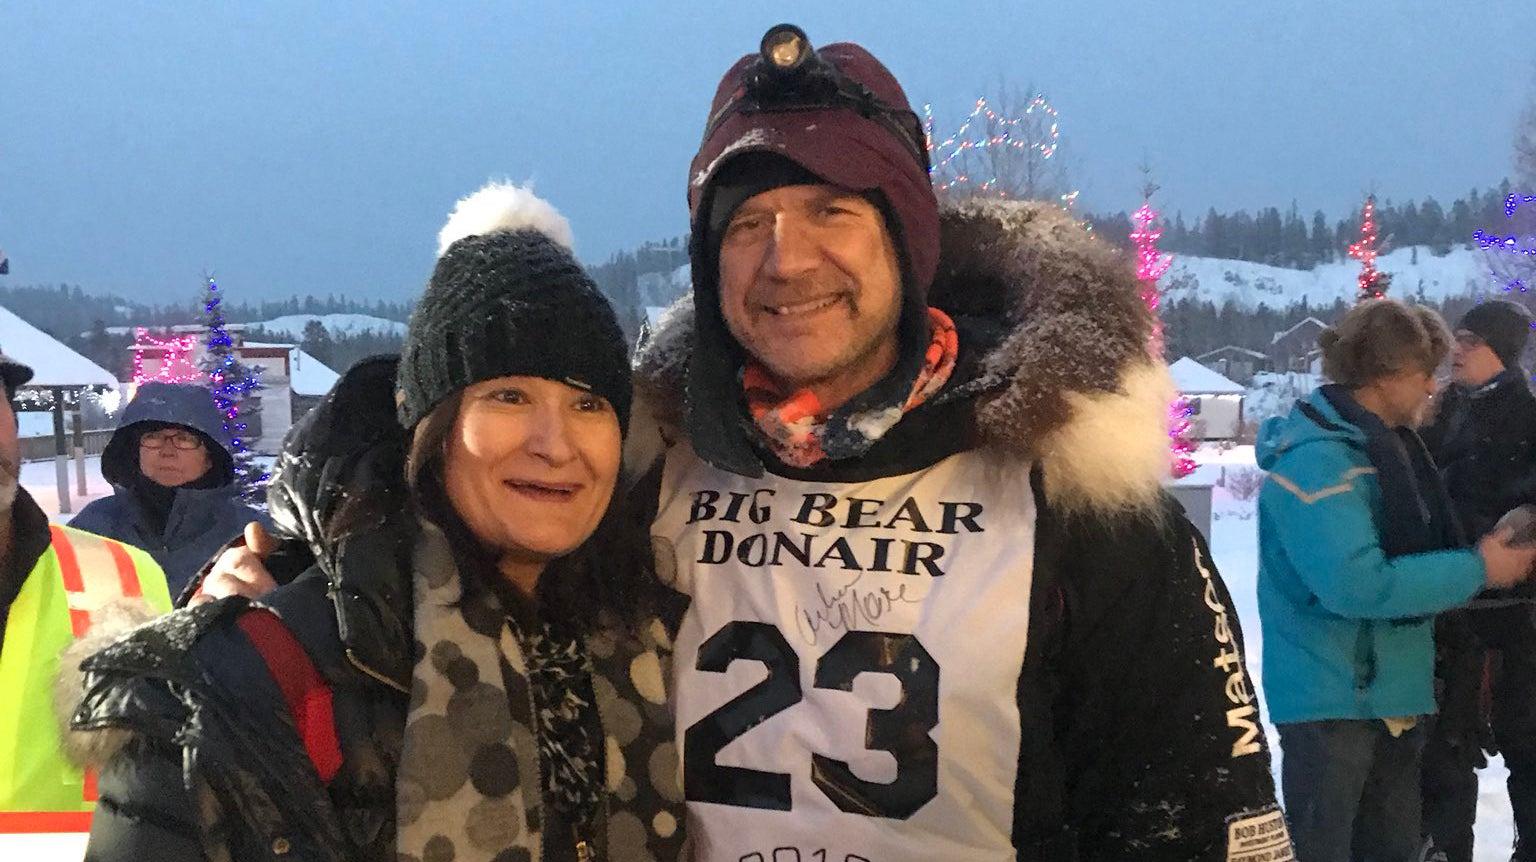 Allen Moore Wins Yukon Quest Dog Sled Race